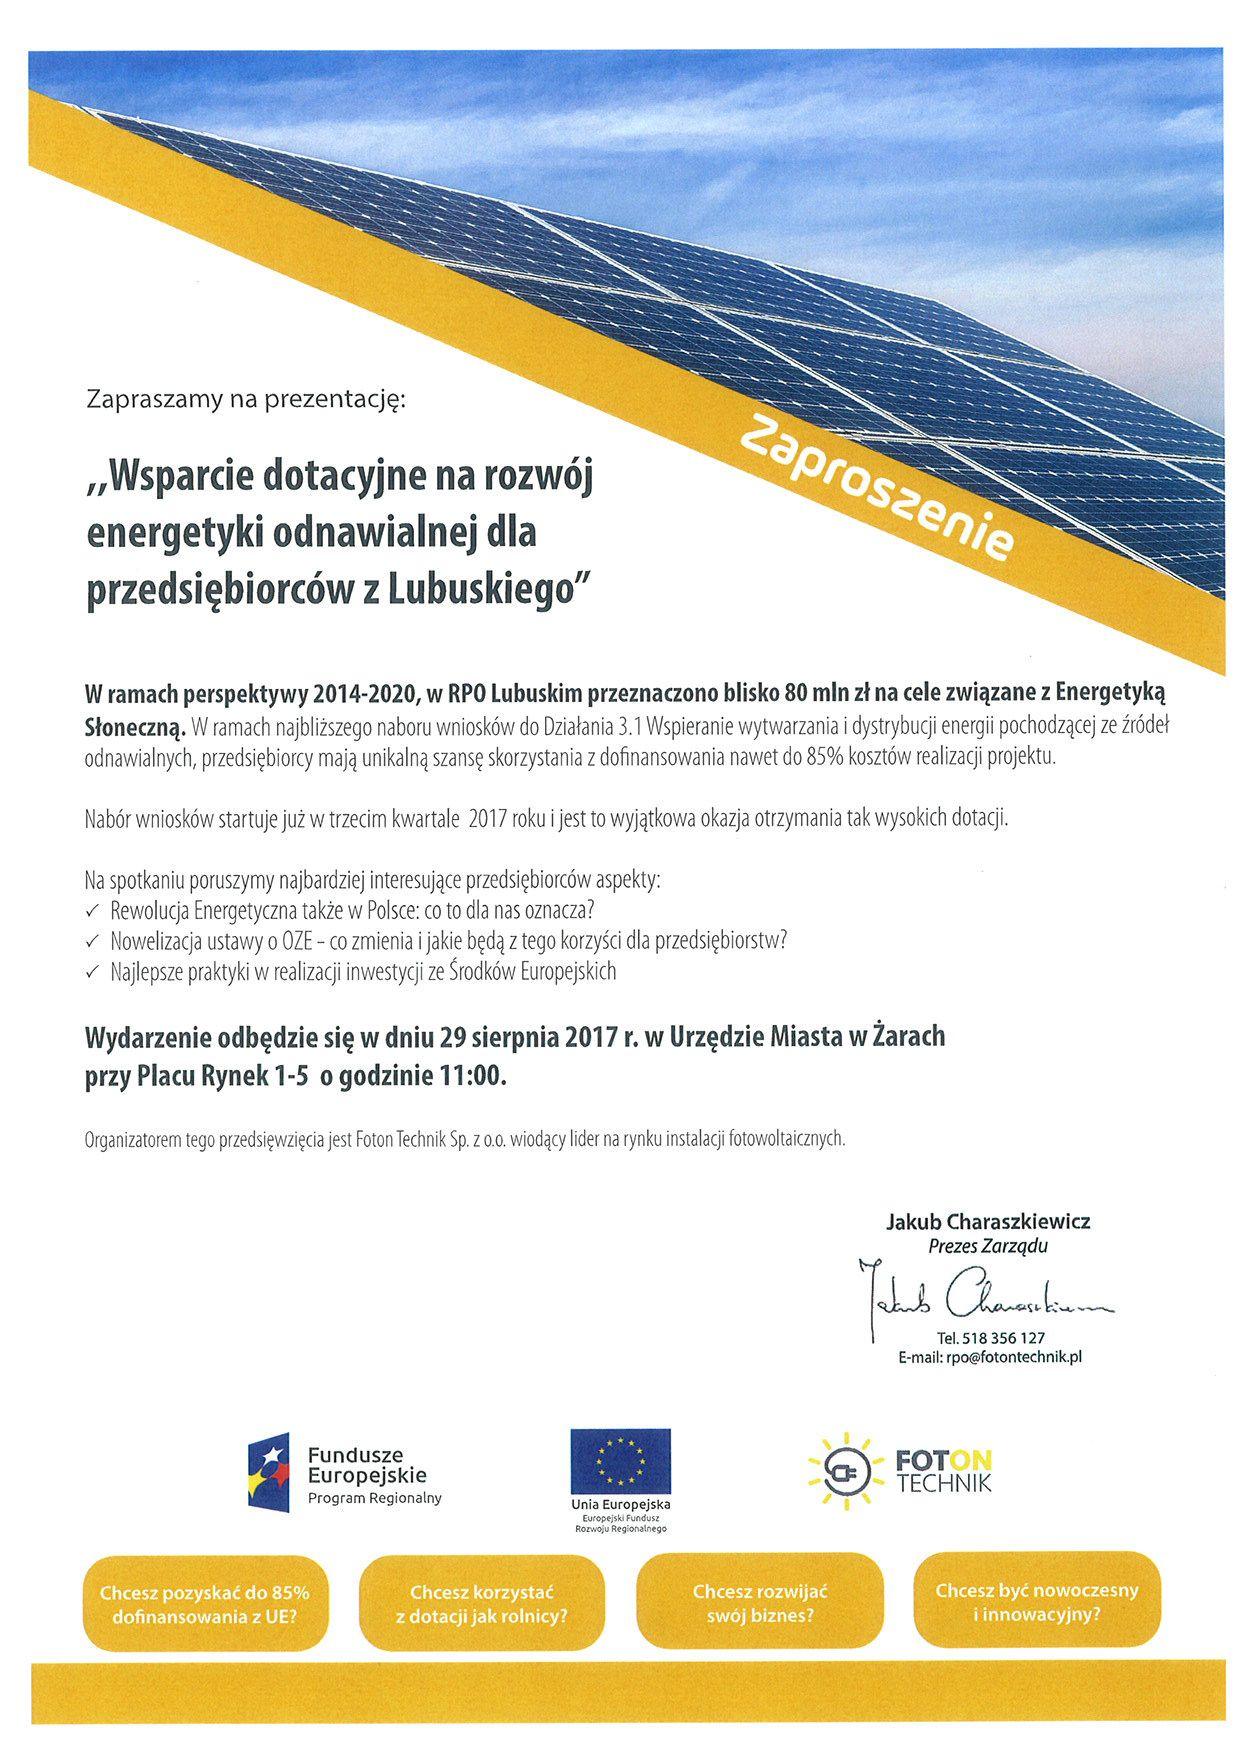 Ilustracja do informacji: Wsparcie dotacyjne na rozwój energetyki odnawialnej dla przedsiębiorców z Lubuskiego